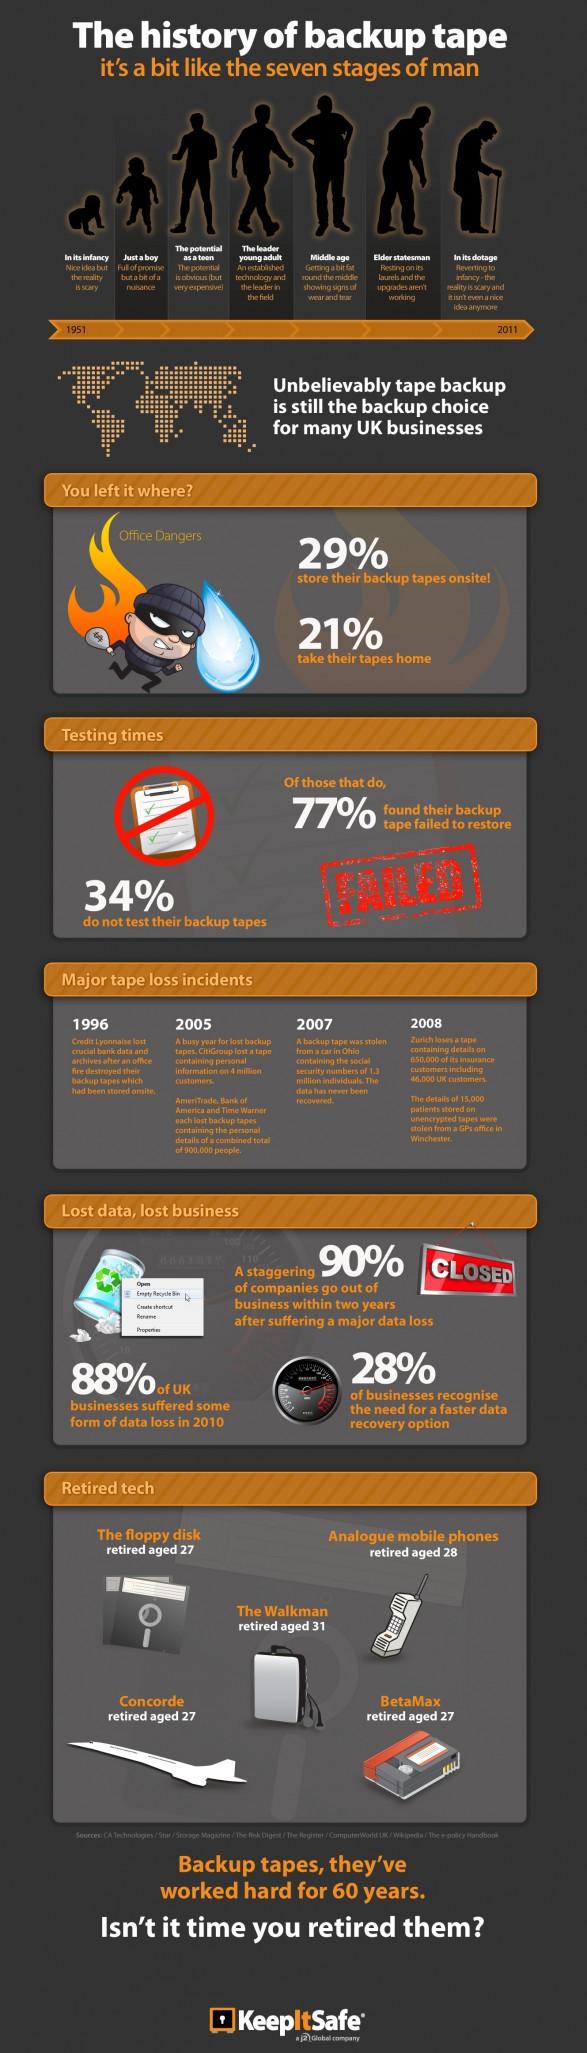 La historia de la cinta de copia de seguridad - The history of backup tape